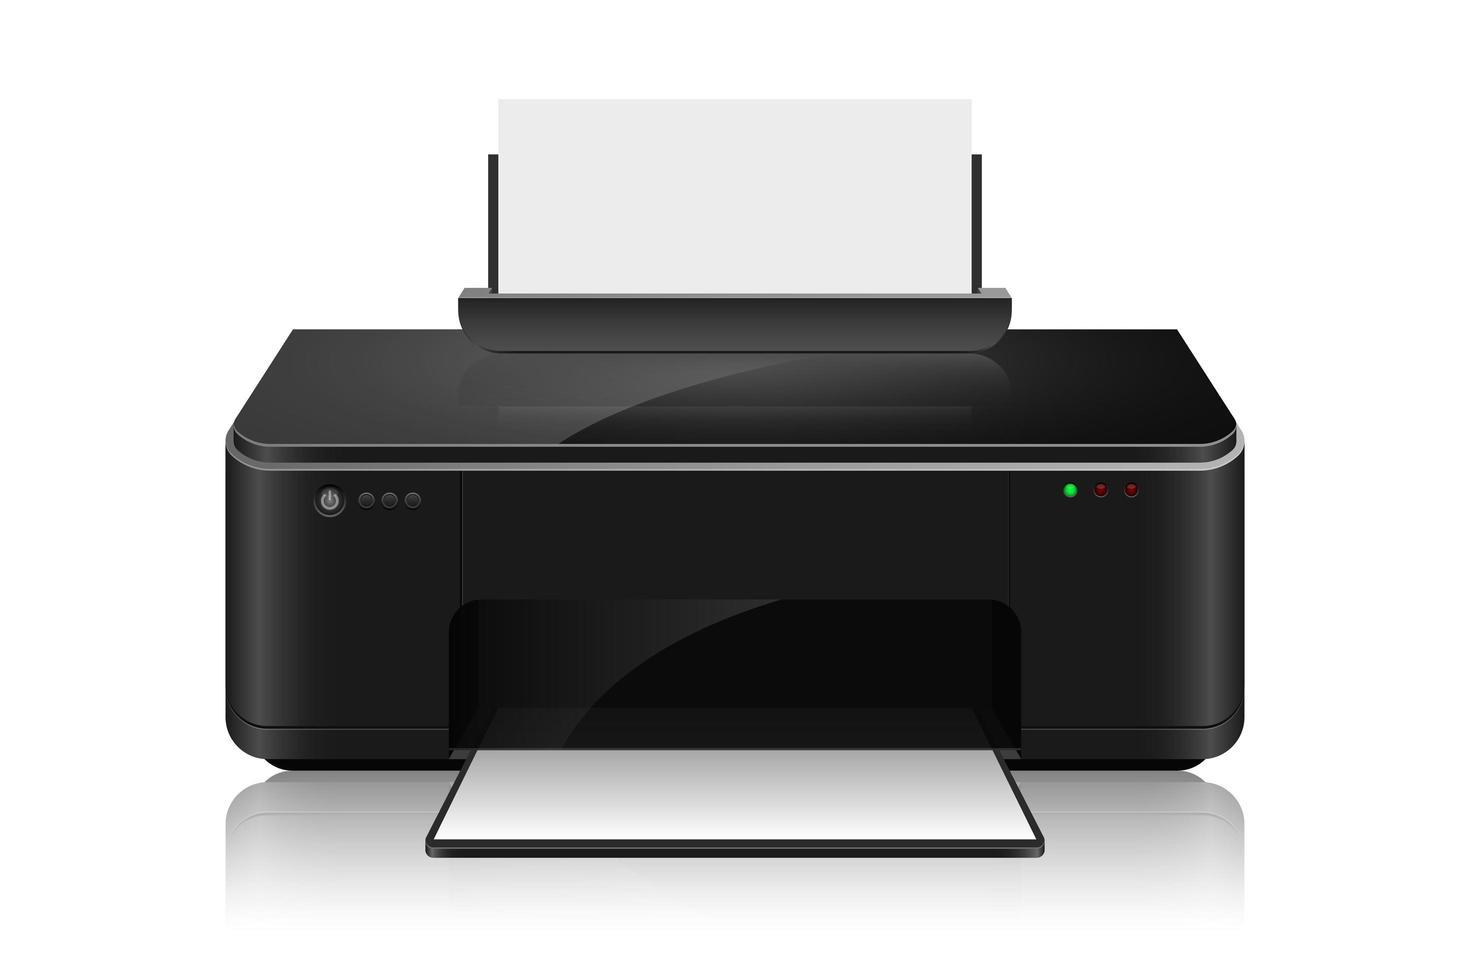 realistische inkjetprinter vector ontwerp illustratie isoalted op witte achtergrond